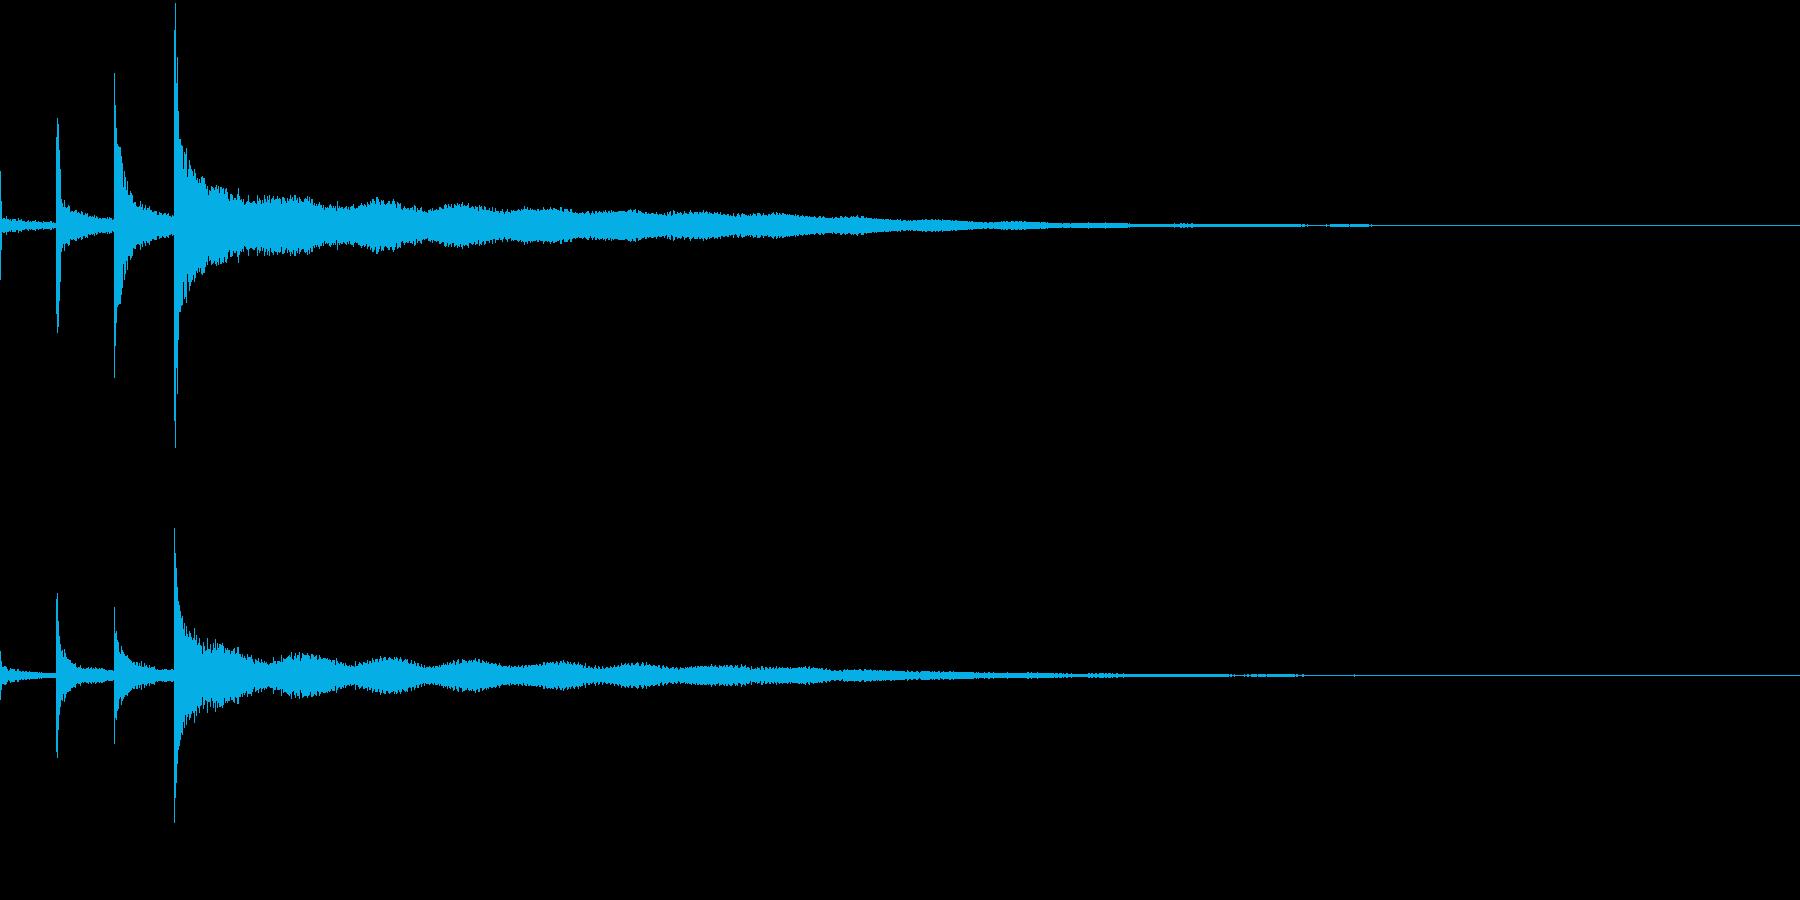 「チンカーンコーン」シンギングボウルの音の再生済みの波形